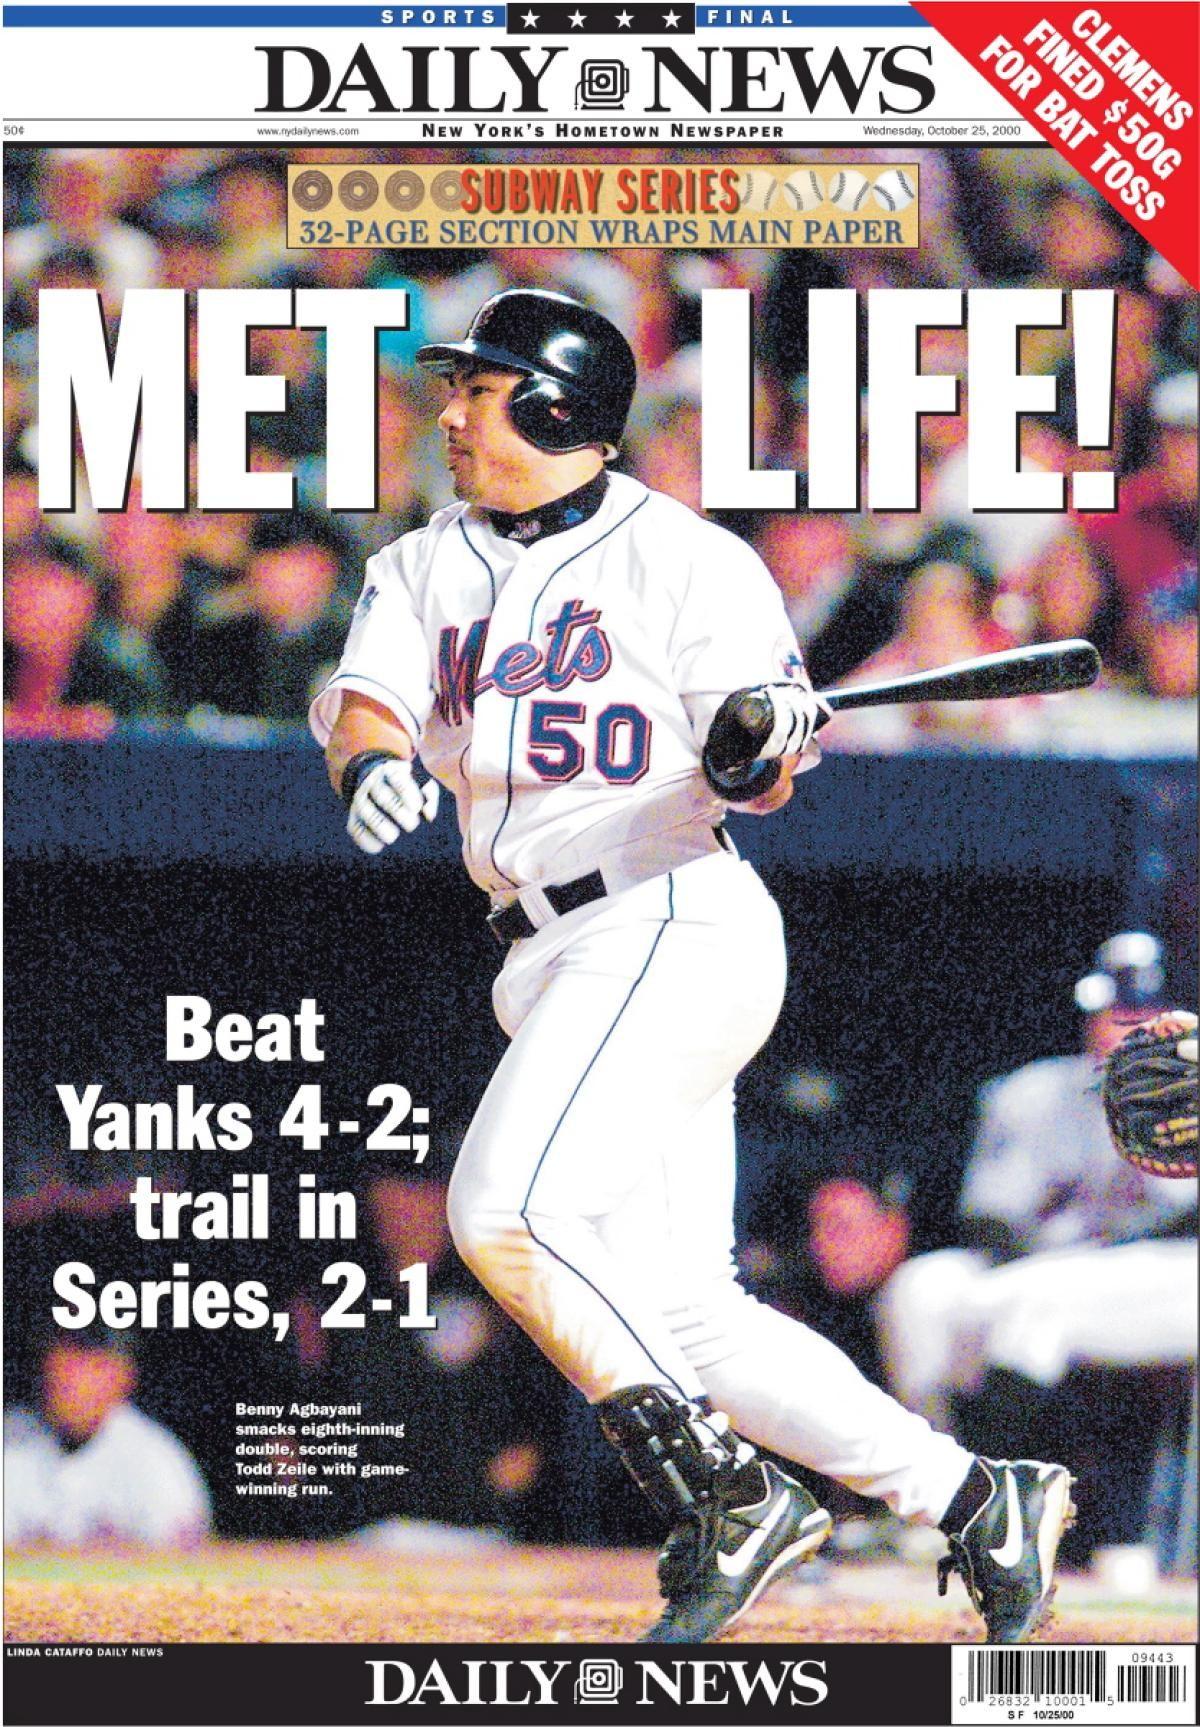 2000 World Series Game 3 Mets Vs Yankees Ny Yankees Ny Mets Mets